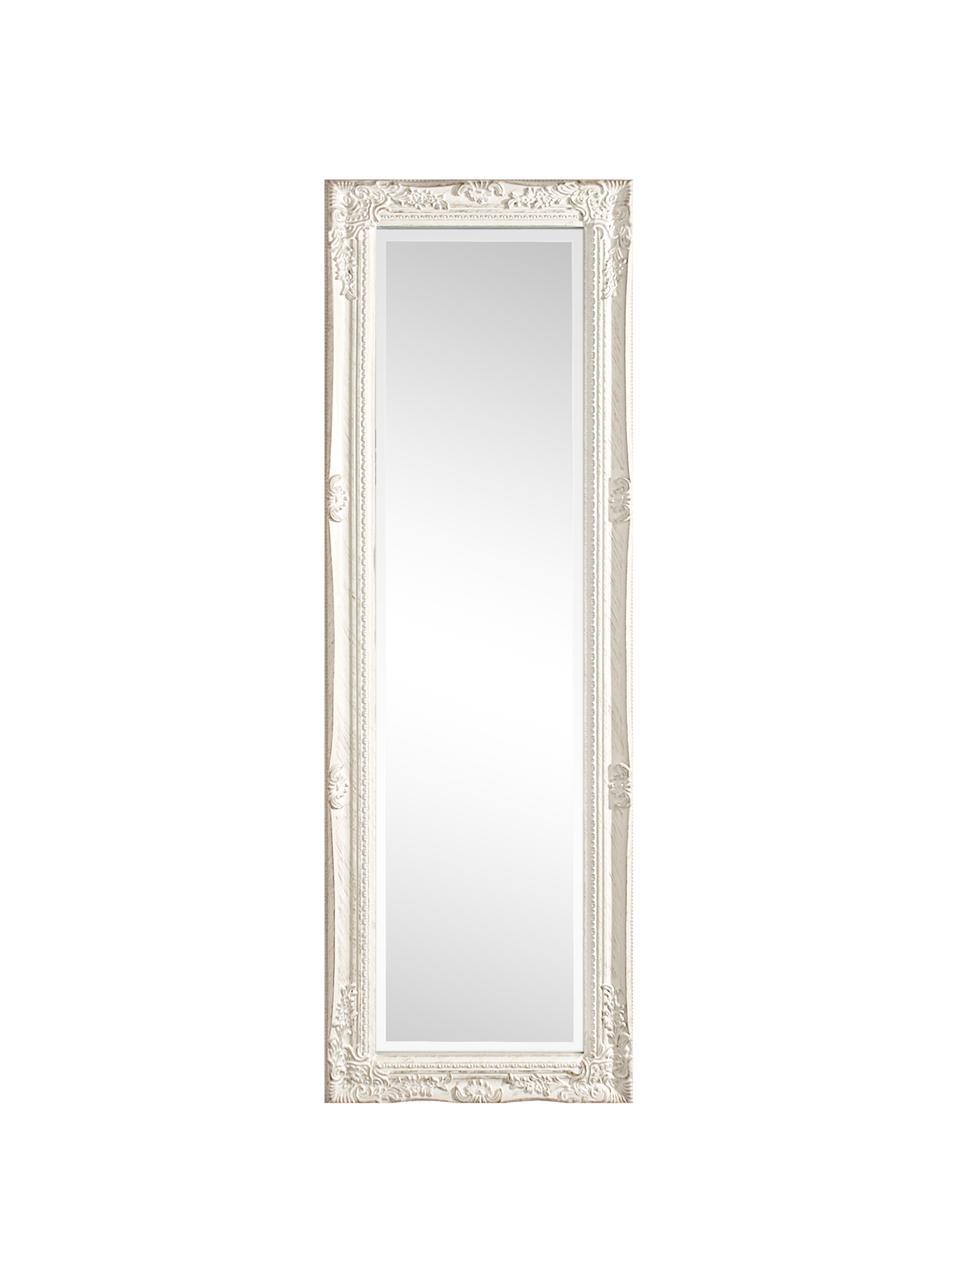 Eckiger Wandspiegel Miro mit weißem Holzrahmen, Rahmen: Holz, beschichtet, Spiegelfläche: Spiegelglas, Weiß, 42 x 132 cm